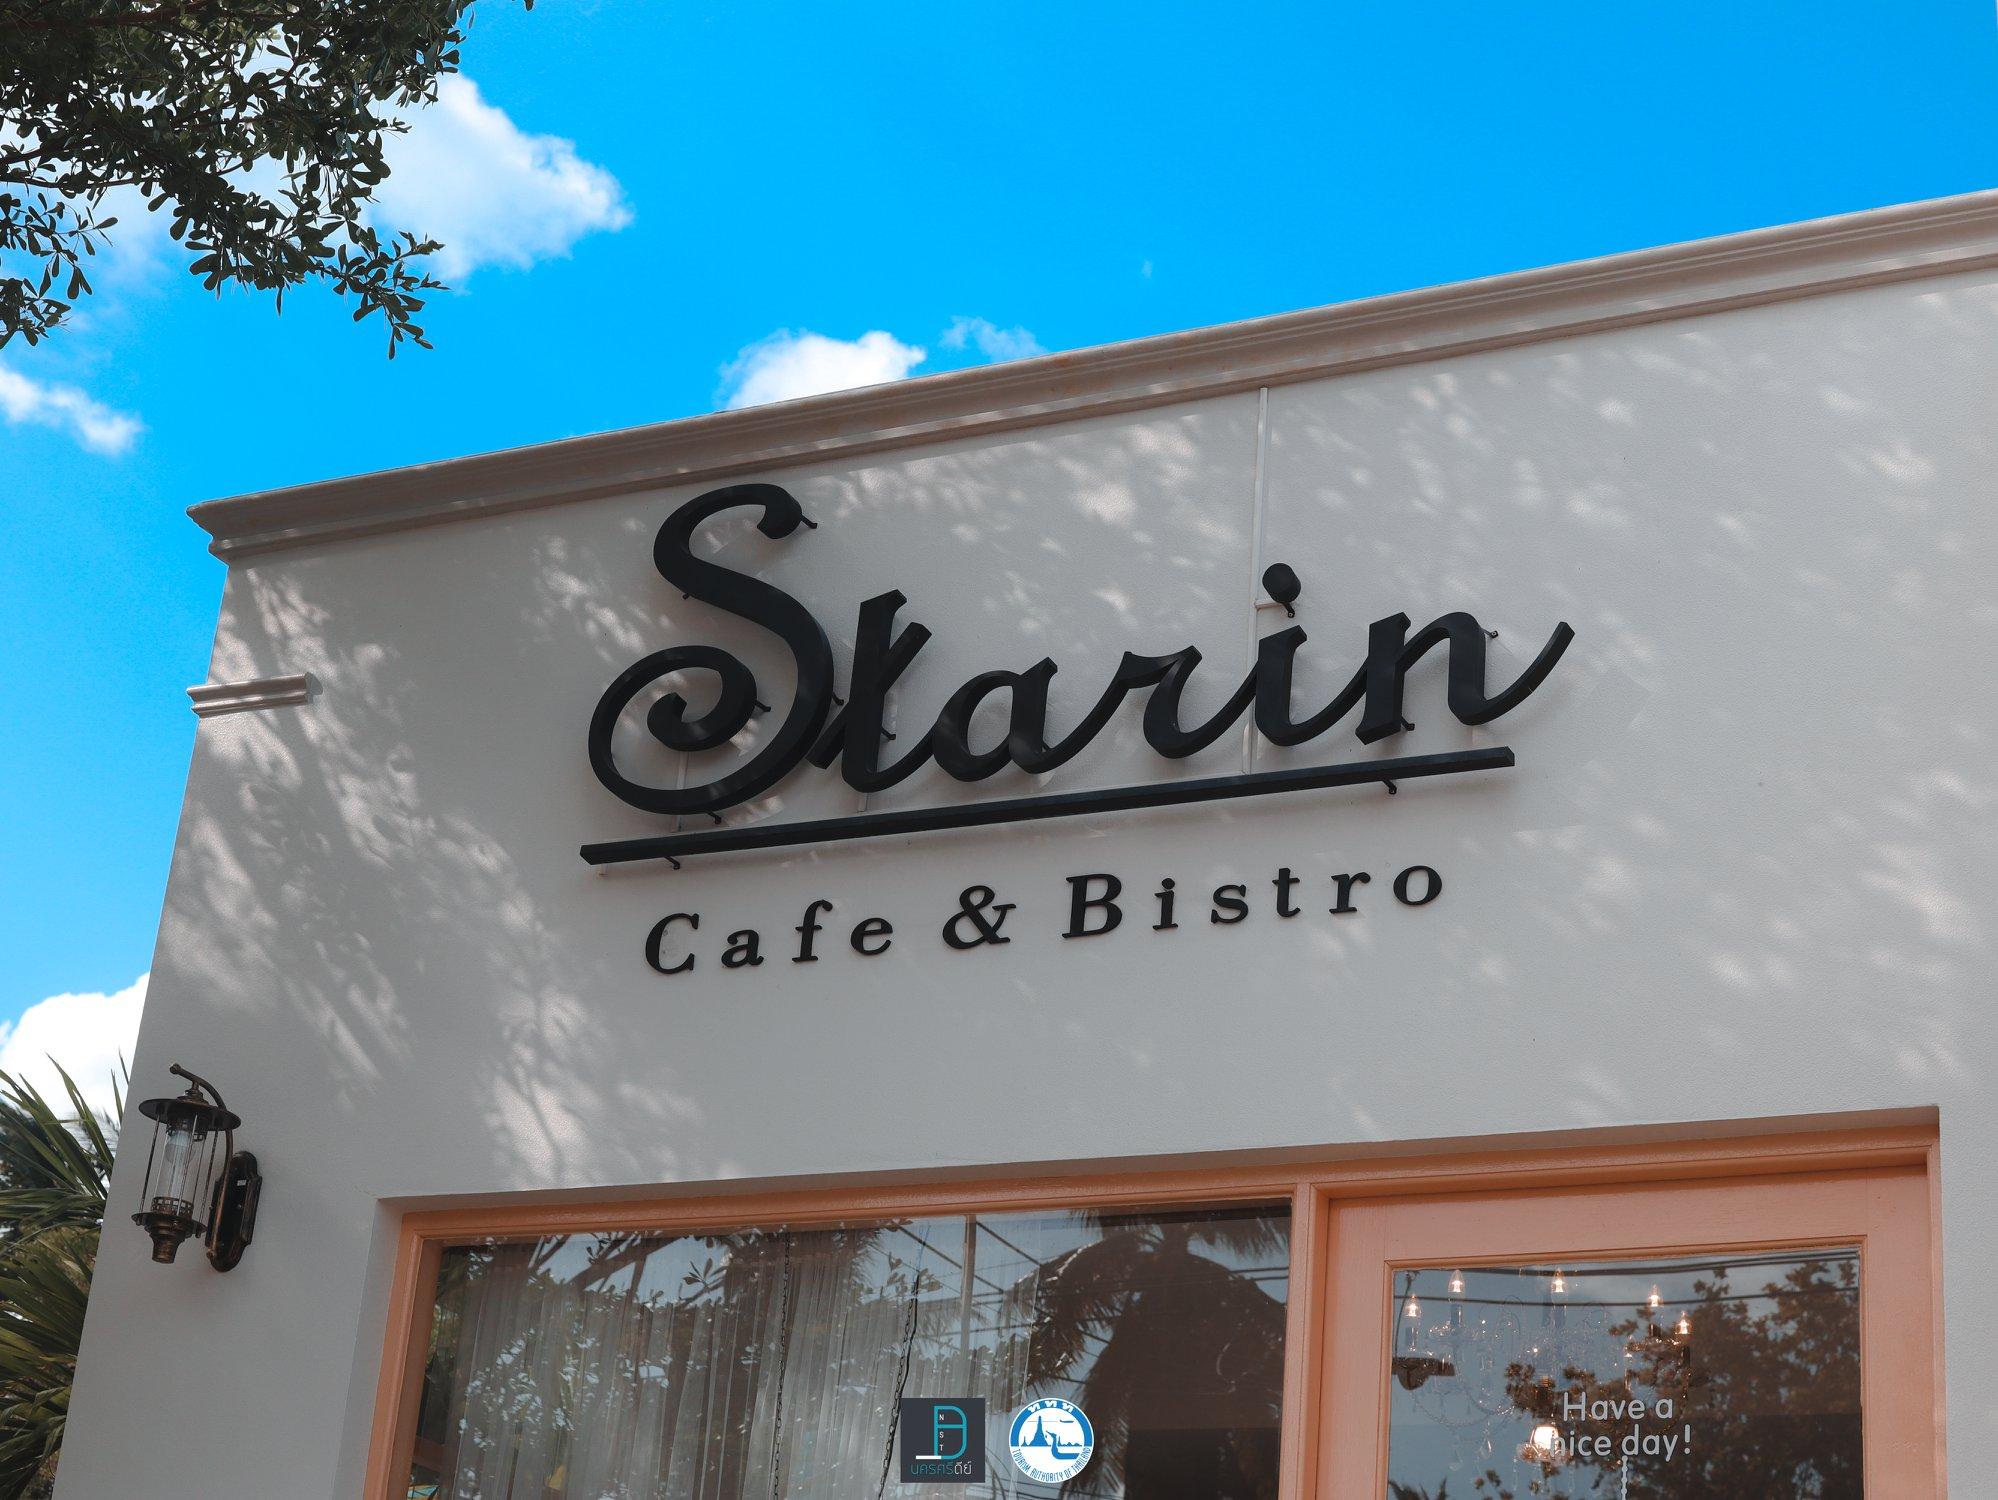 6. Starin Cafe Bistro ร้านนี้ขอบอกว่า Amazing จริงๆ เป็นร้านโทนสีขาวปนสีชมพูอ่อนๆ มีผ้าม่านสีขาวๆ ออกแบบสไตล์เจ้าหญิงในไทยนิยายอะไรแบบนั้น แอดชอบบบบบ ถ่ายรูปสวยด้วยนะเออคาเฟ่,สตูล,เด็ด,จุดเช็คอิน,อร่อย,ร้านอาหาร,จุดถ่ายรูป,สถานที่ท่องเที่ยว